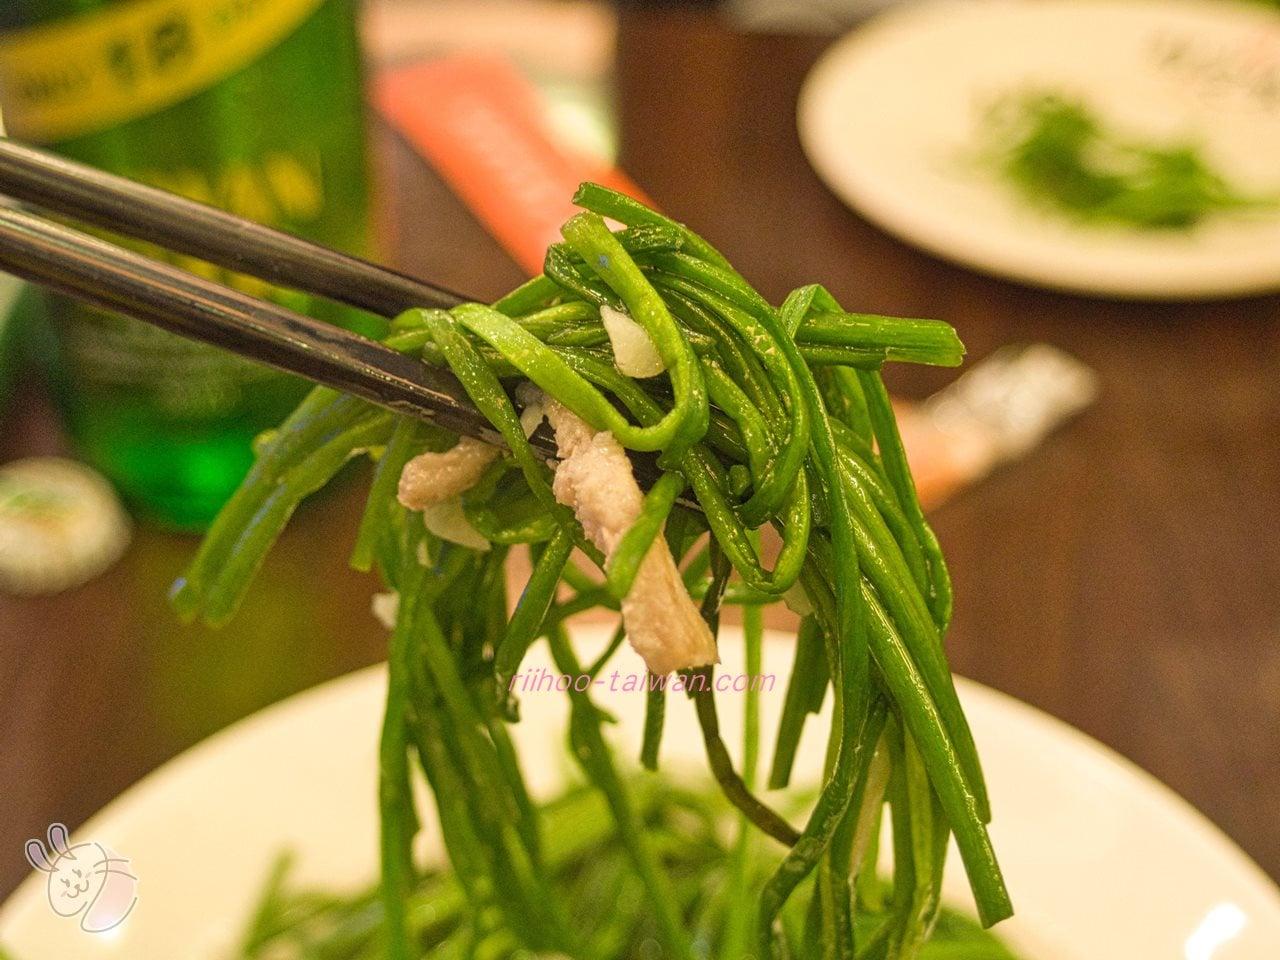 鮮定味生猛海鮮 (錦州店)  炒水蓮 水蓮を細切り豚肉と一緒に、塩とニンニクでサッと炒めたもの